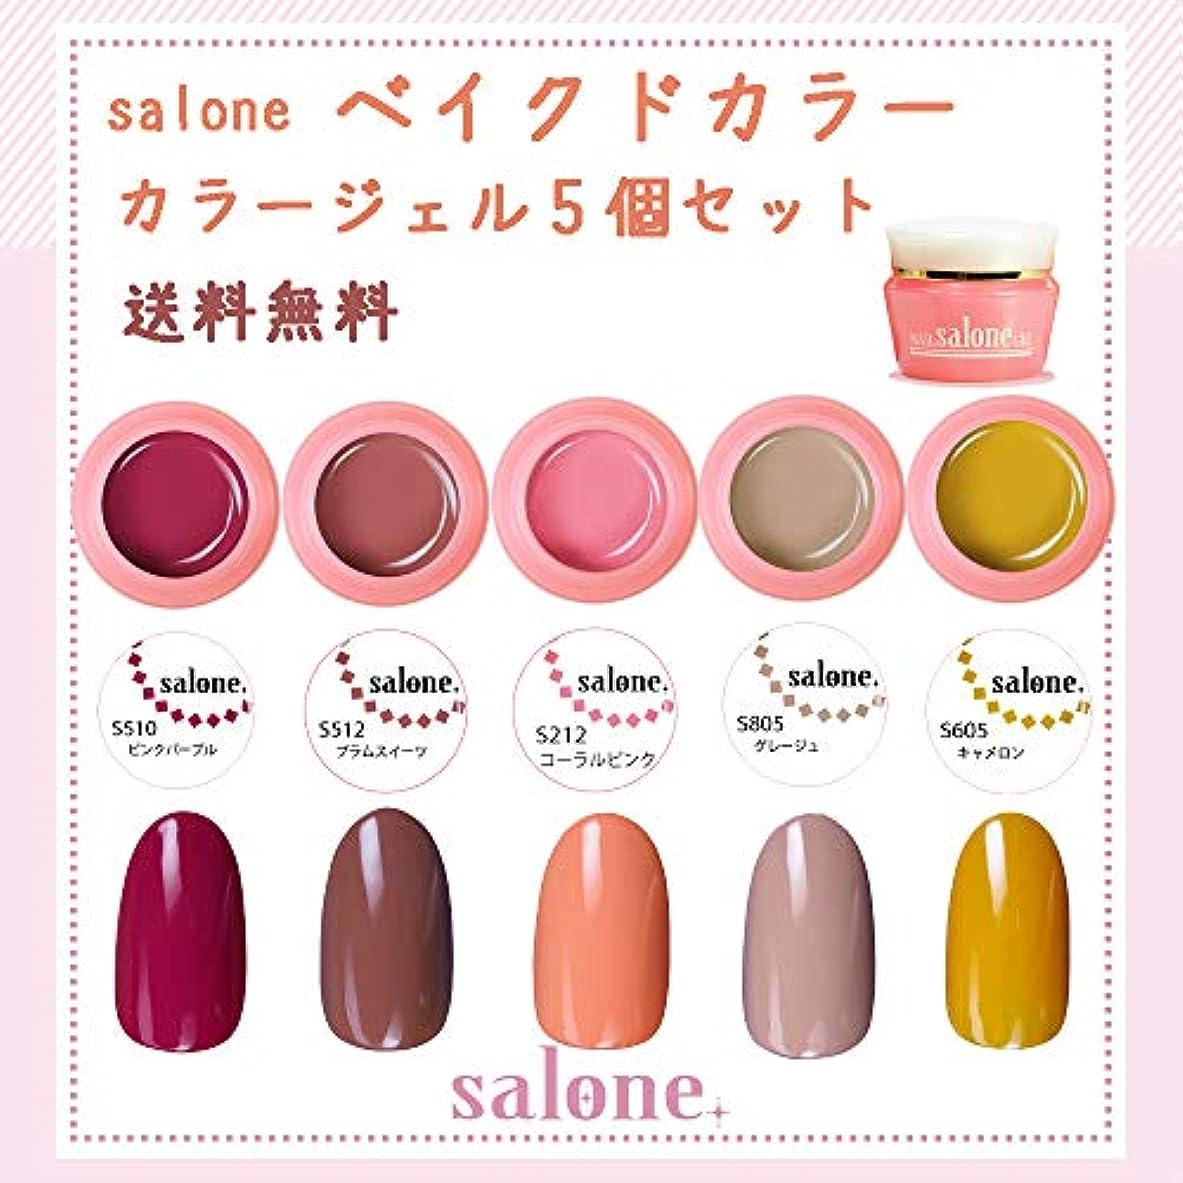 目立つ入り口幸運なことに【送料無料 日本製】Salone ベイクドカラージェル5個セット 大人っぽく暖かく大人可愛いトレンドカラー